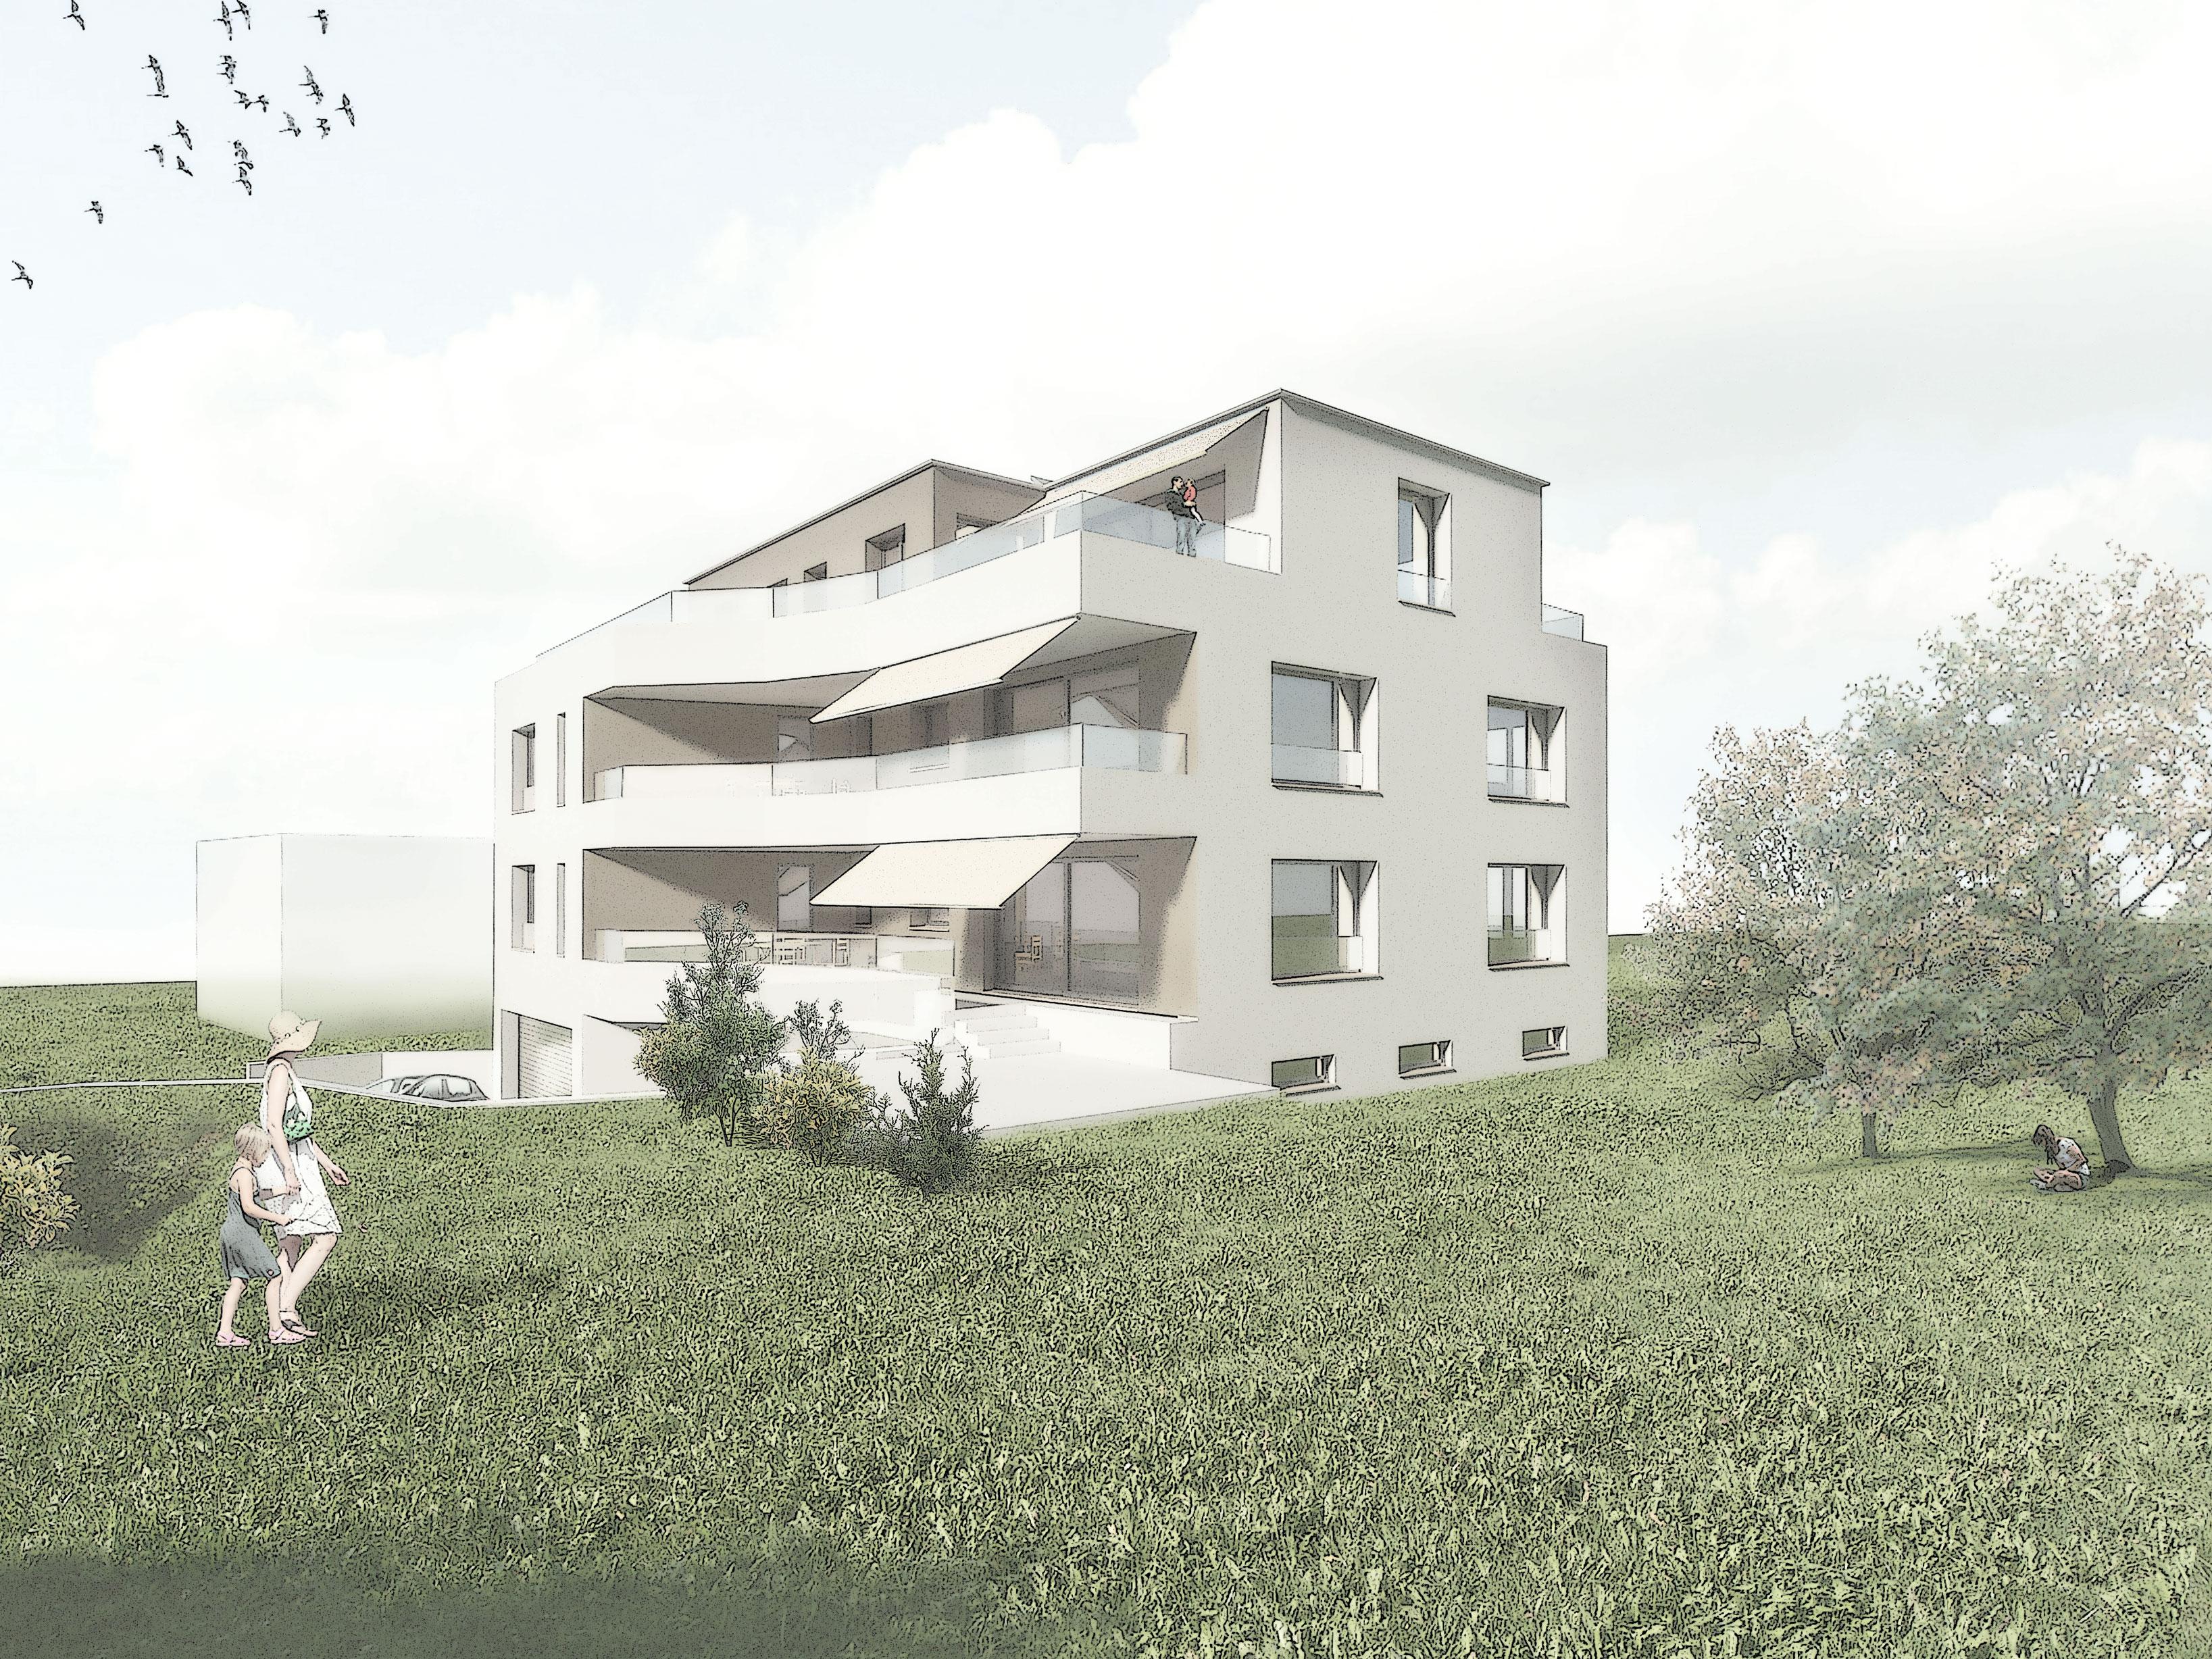 Baechliweg-Immo-Ziegler-MO-Architektur_Wangen_Siebnen